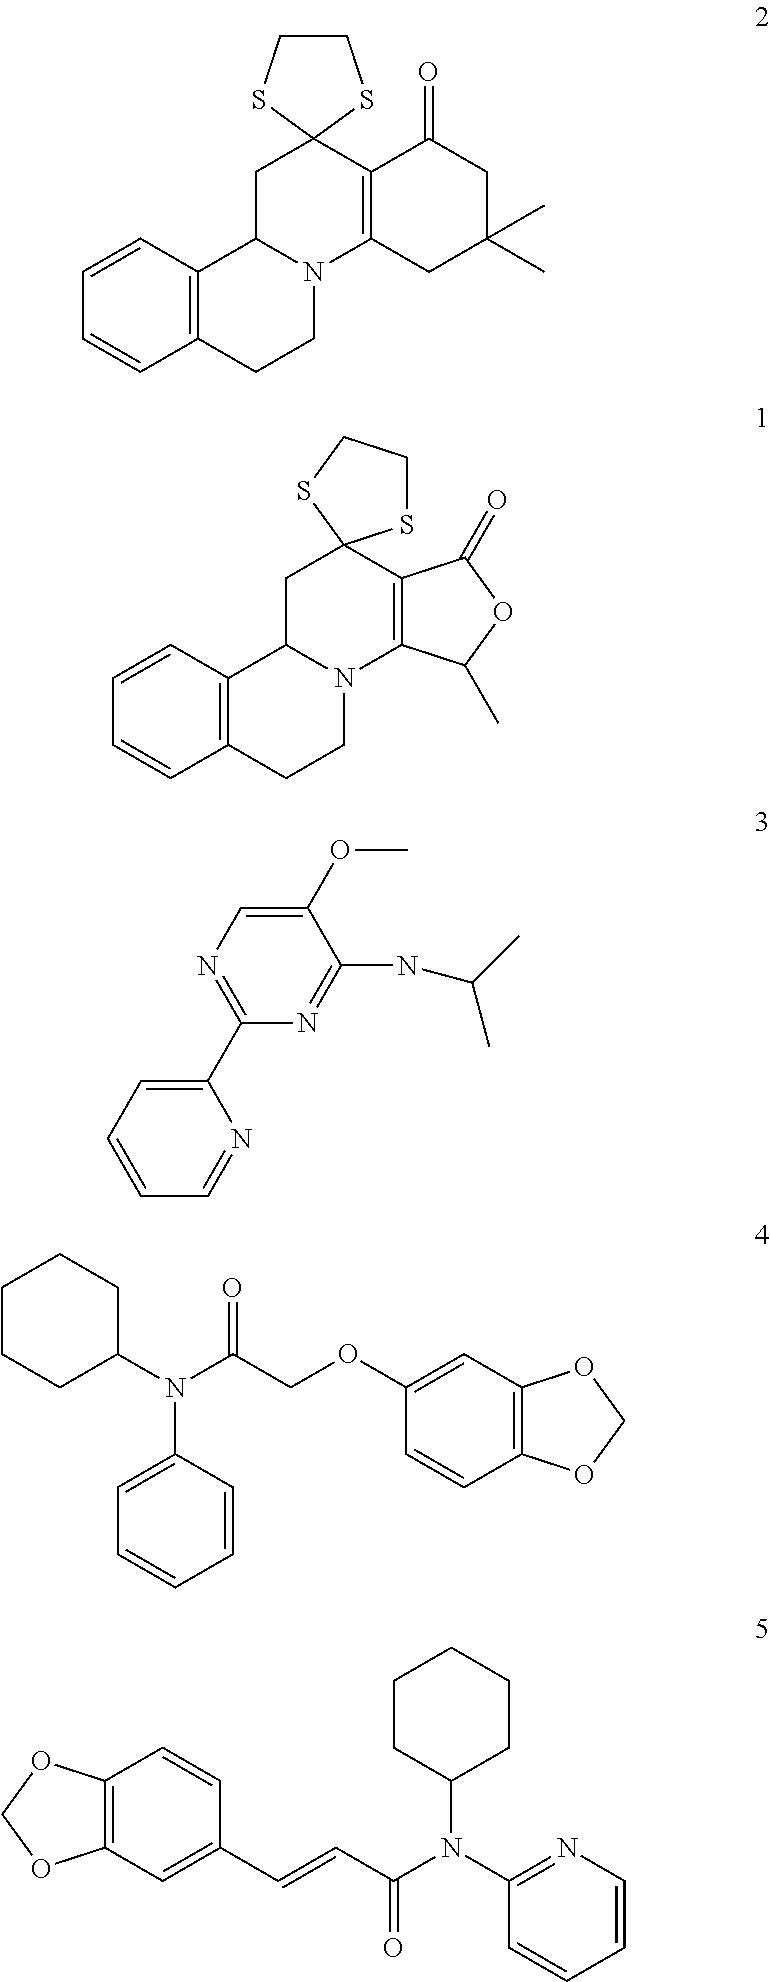 Astm E213 Epub